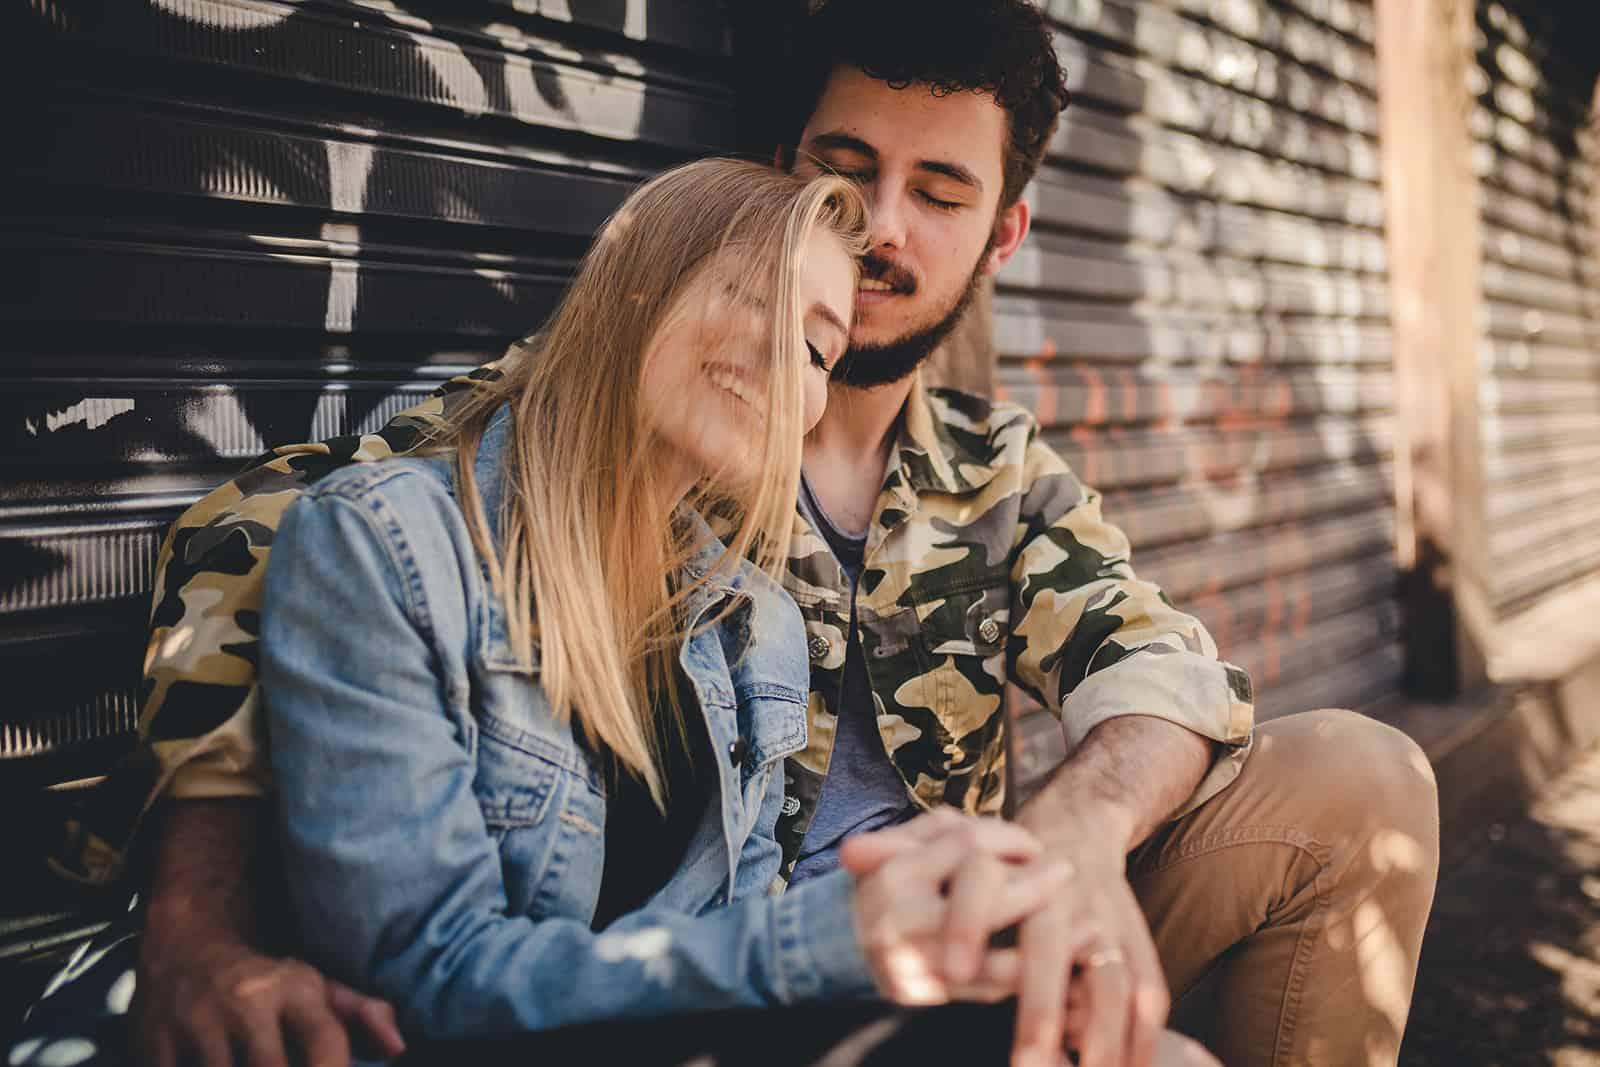 Un couple aimant se tenant la main alors qu'il était assis près des portes roulantes